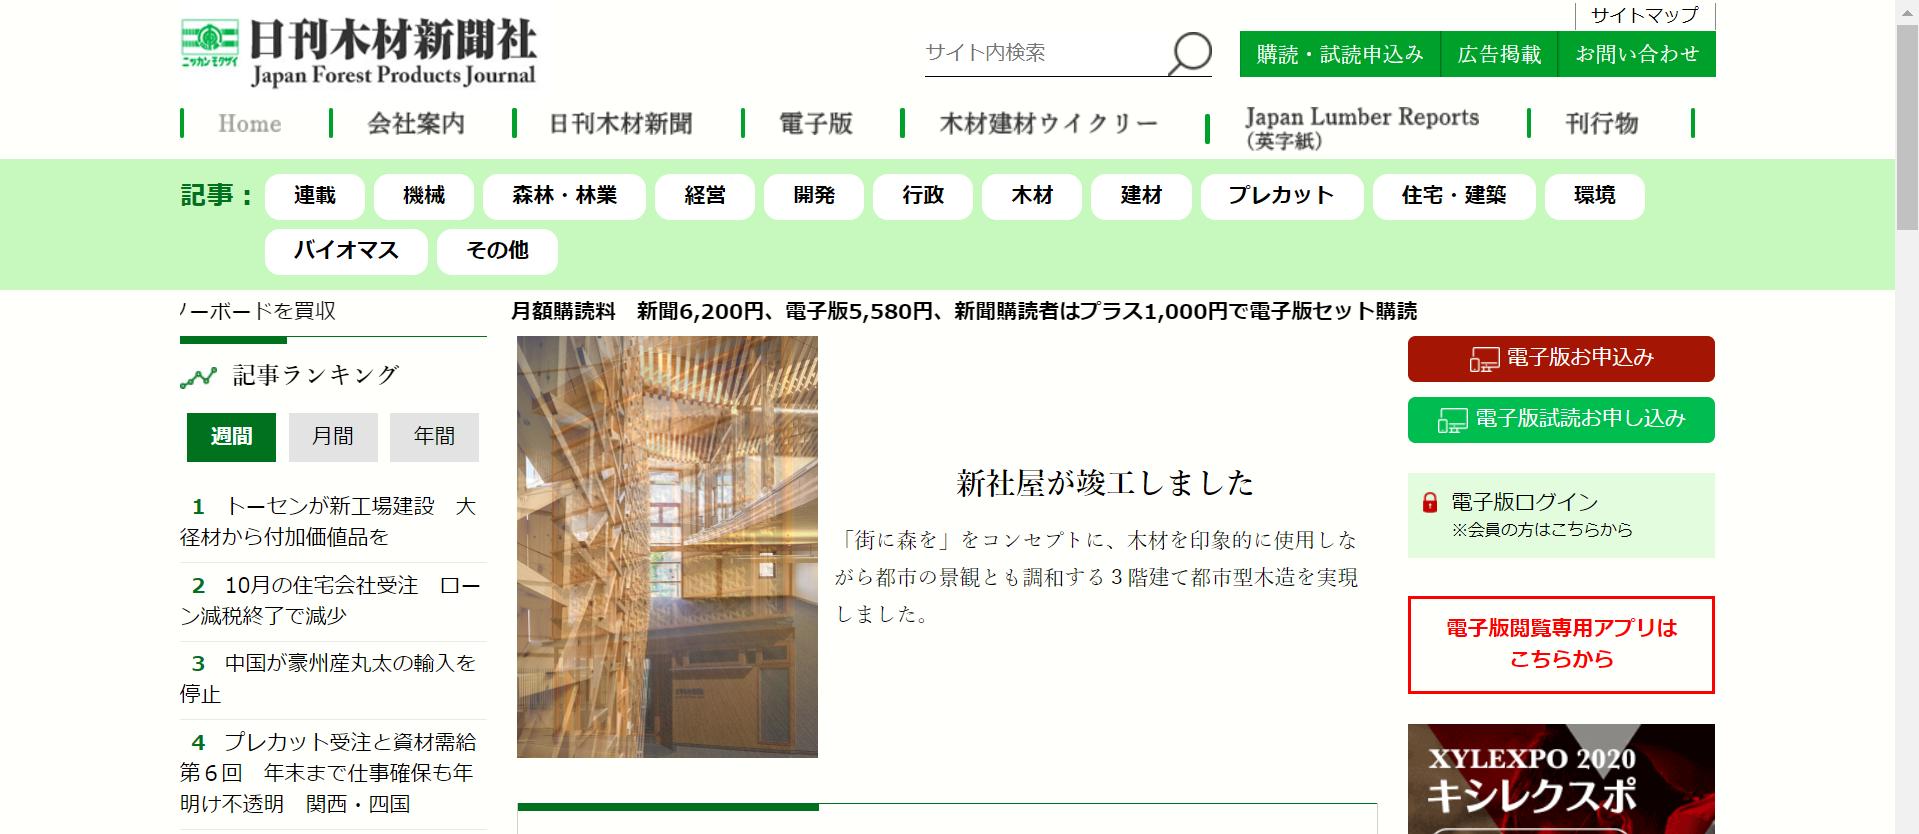 『日刊木材新聞』に弊社ニュースが掲載されました